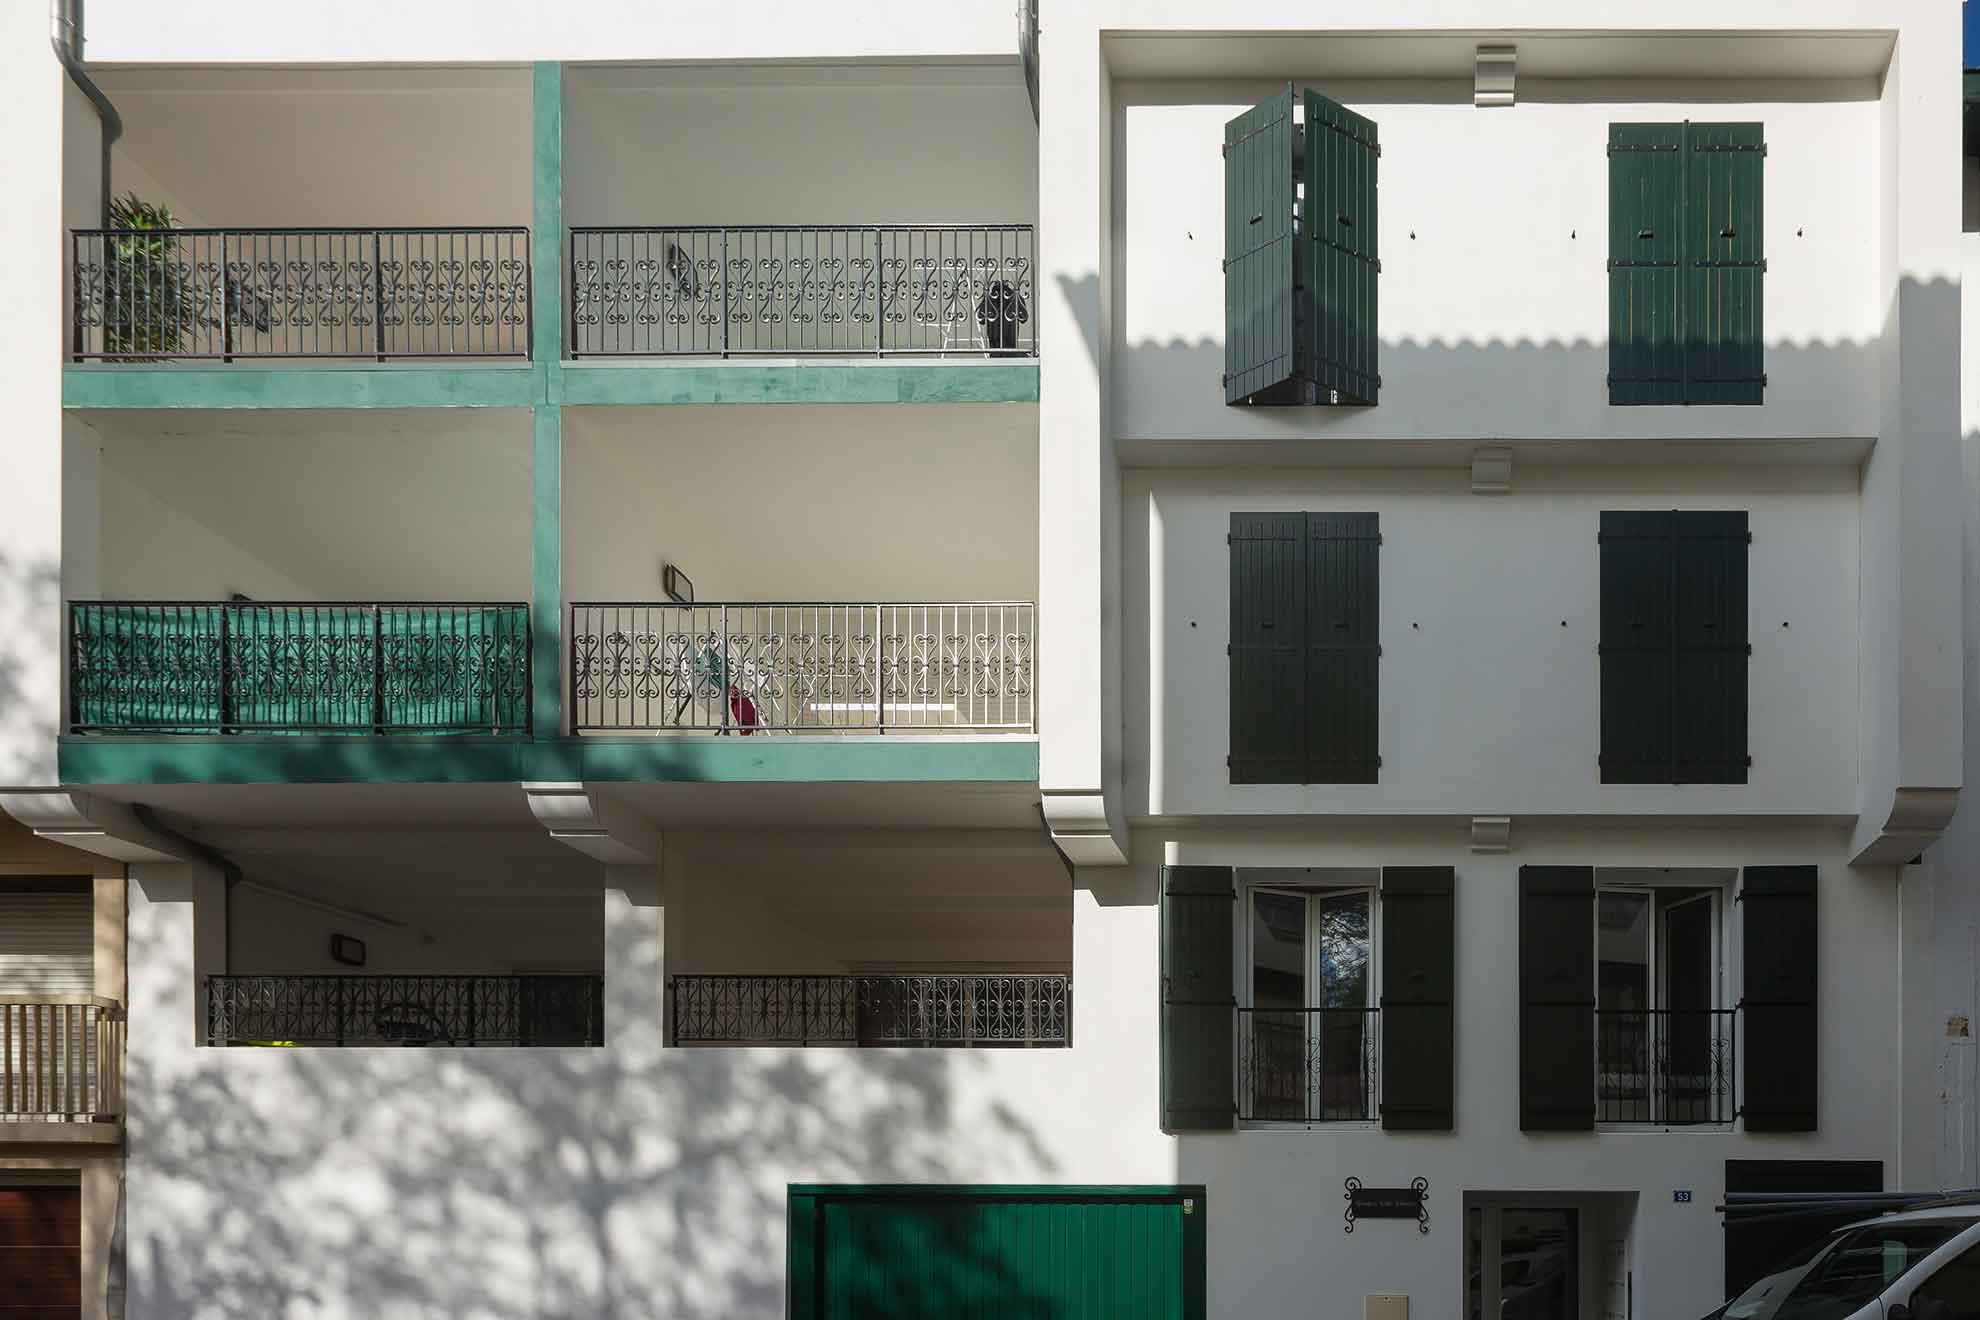 Zubieta-Bihotza-immeuble-construction-demolition